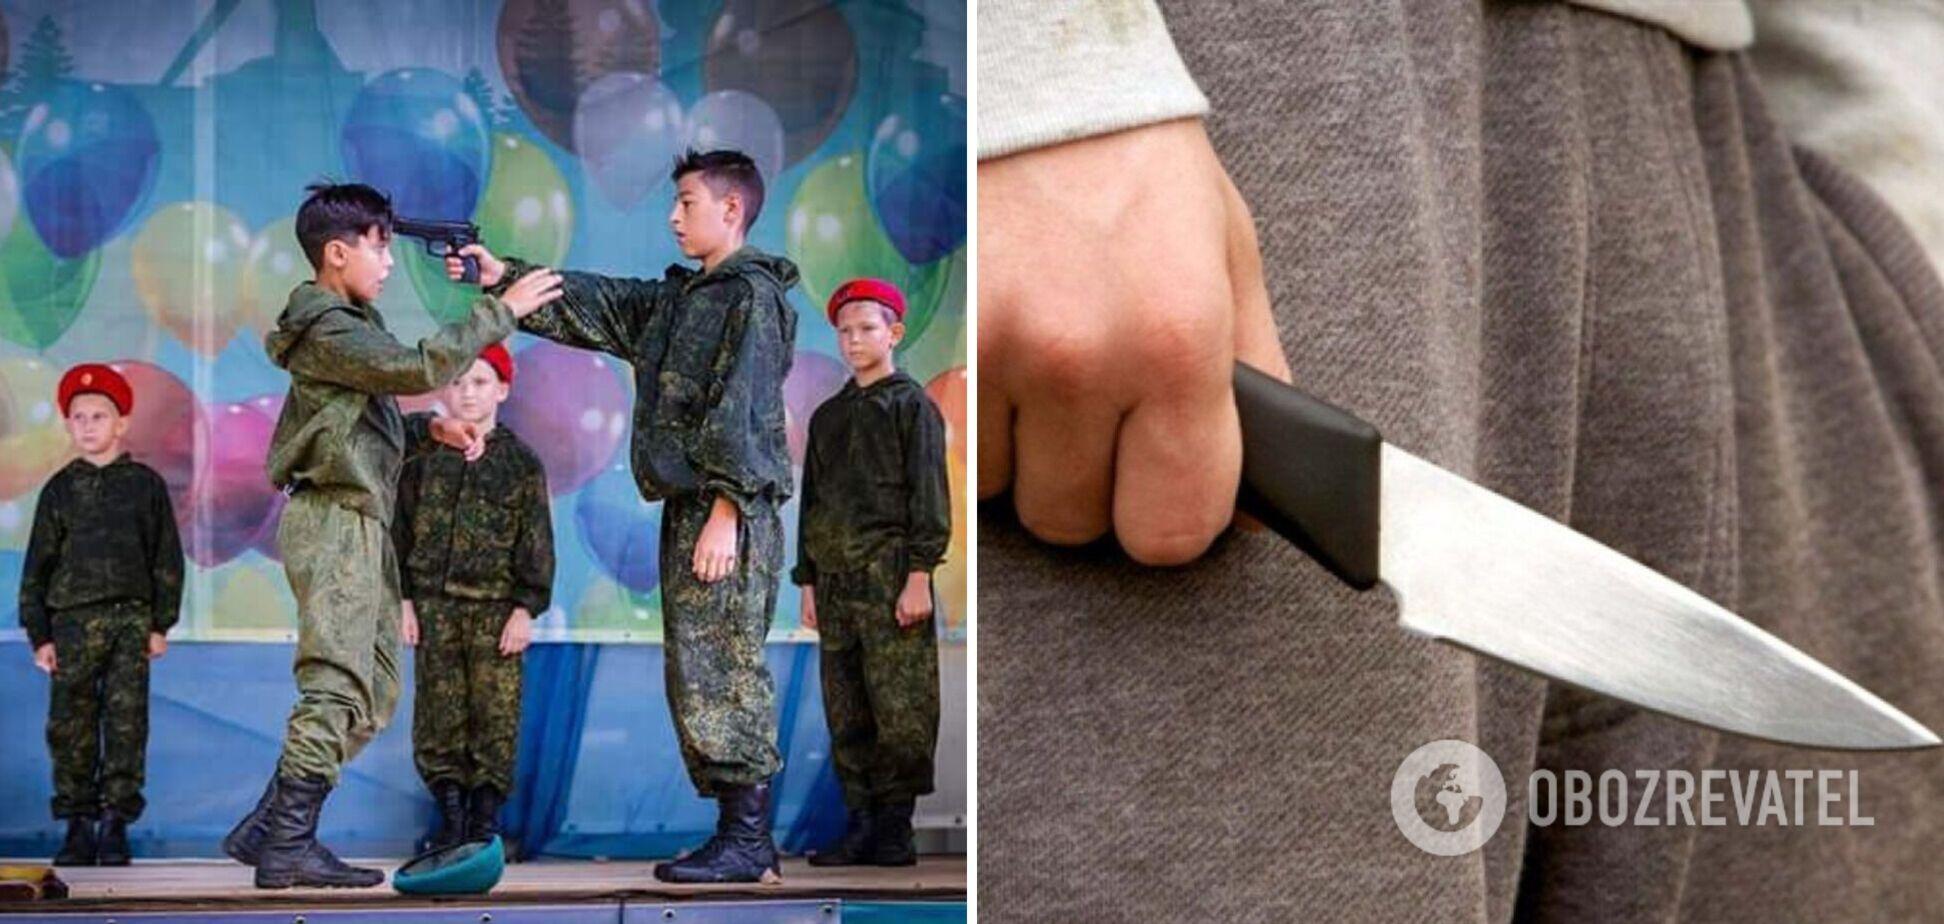 Офицер ВСУ пояснил тягу школьников РФ к оружию. Показательные фото